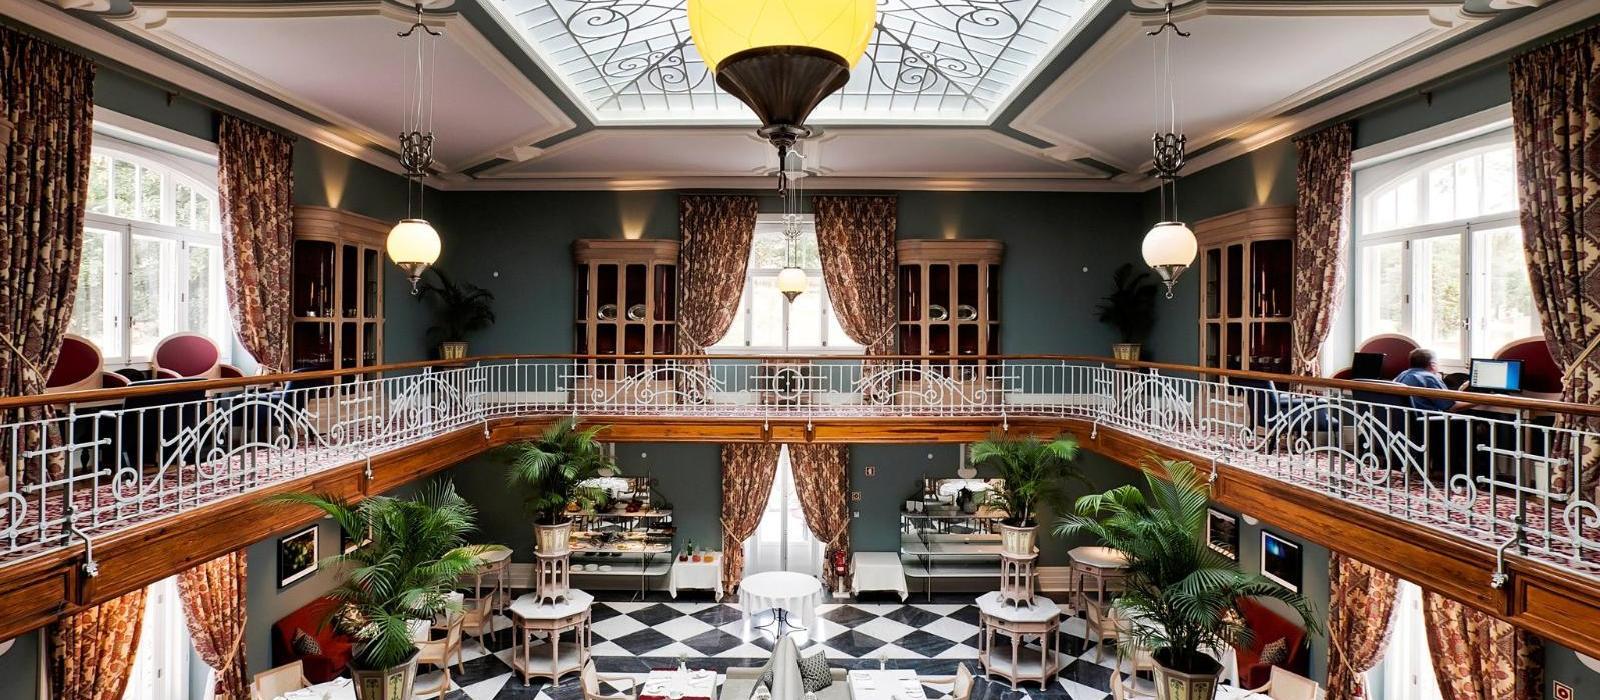 维达谷宫廷酒店(Vidago Palace) 图片  www.lhw.cn